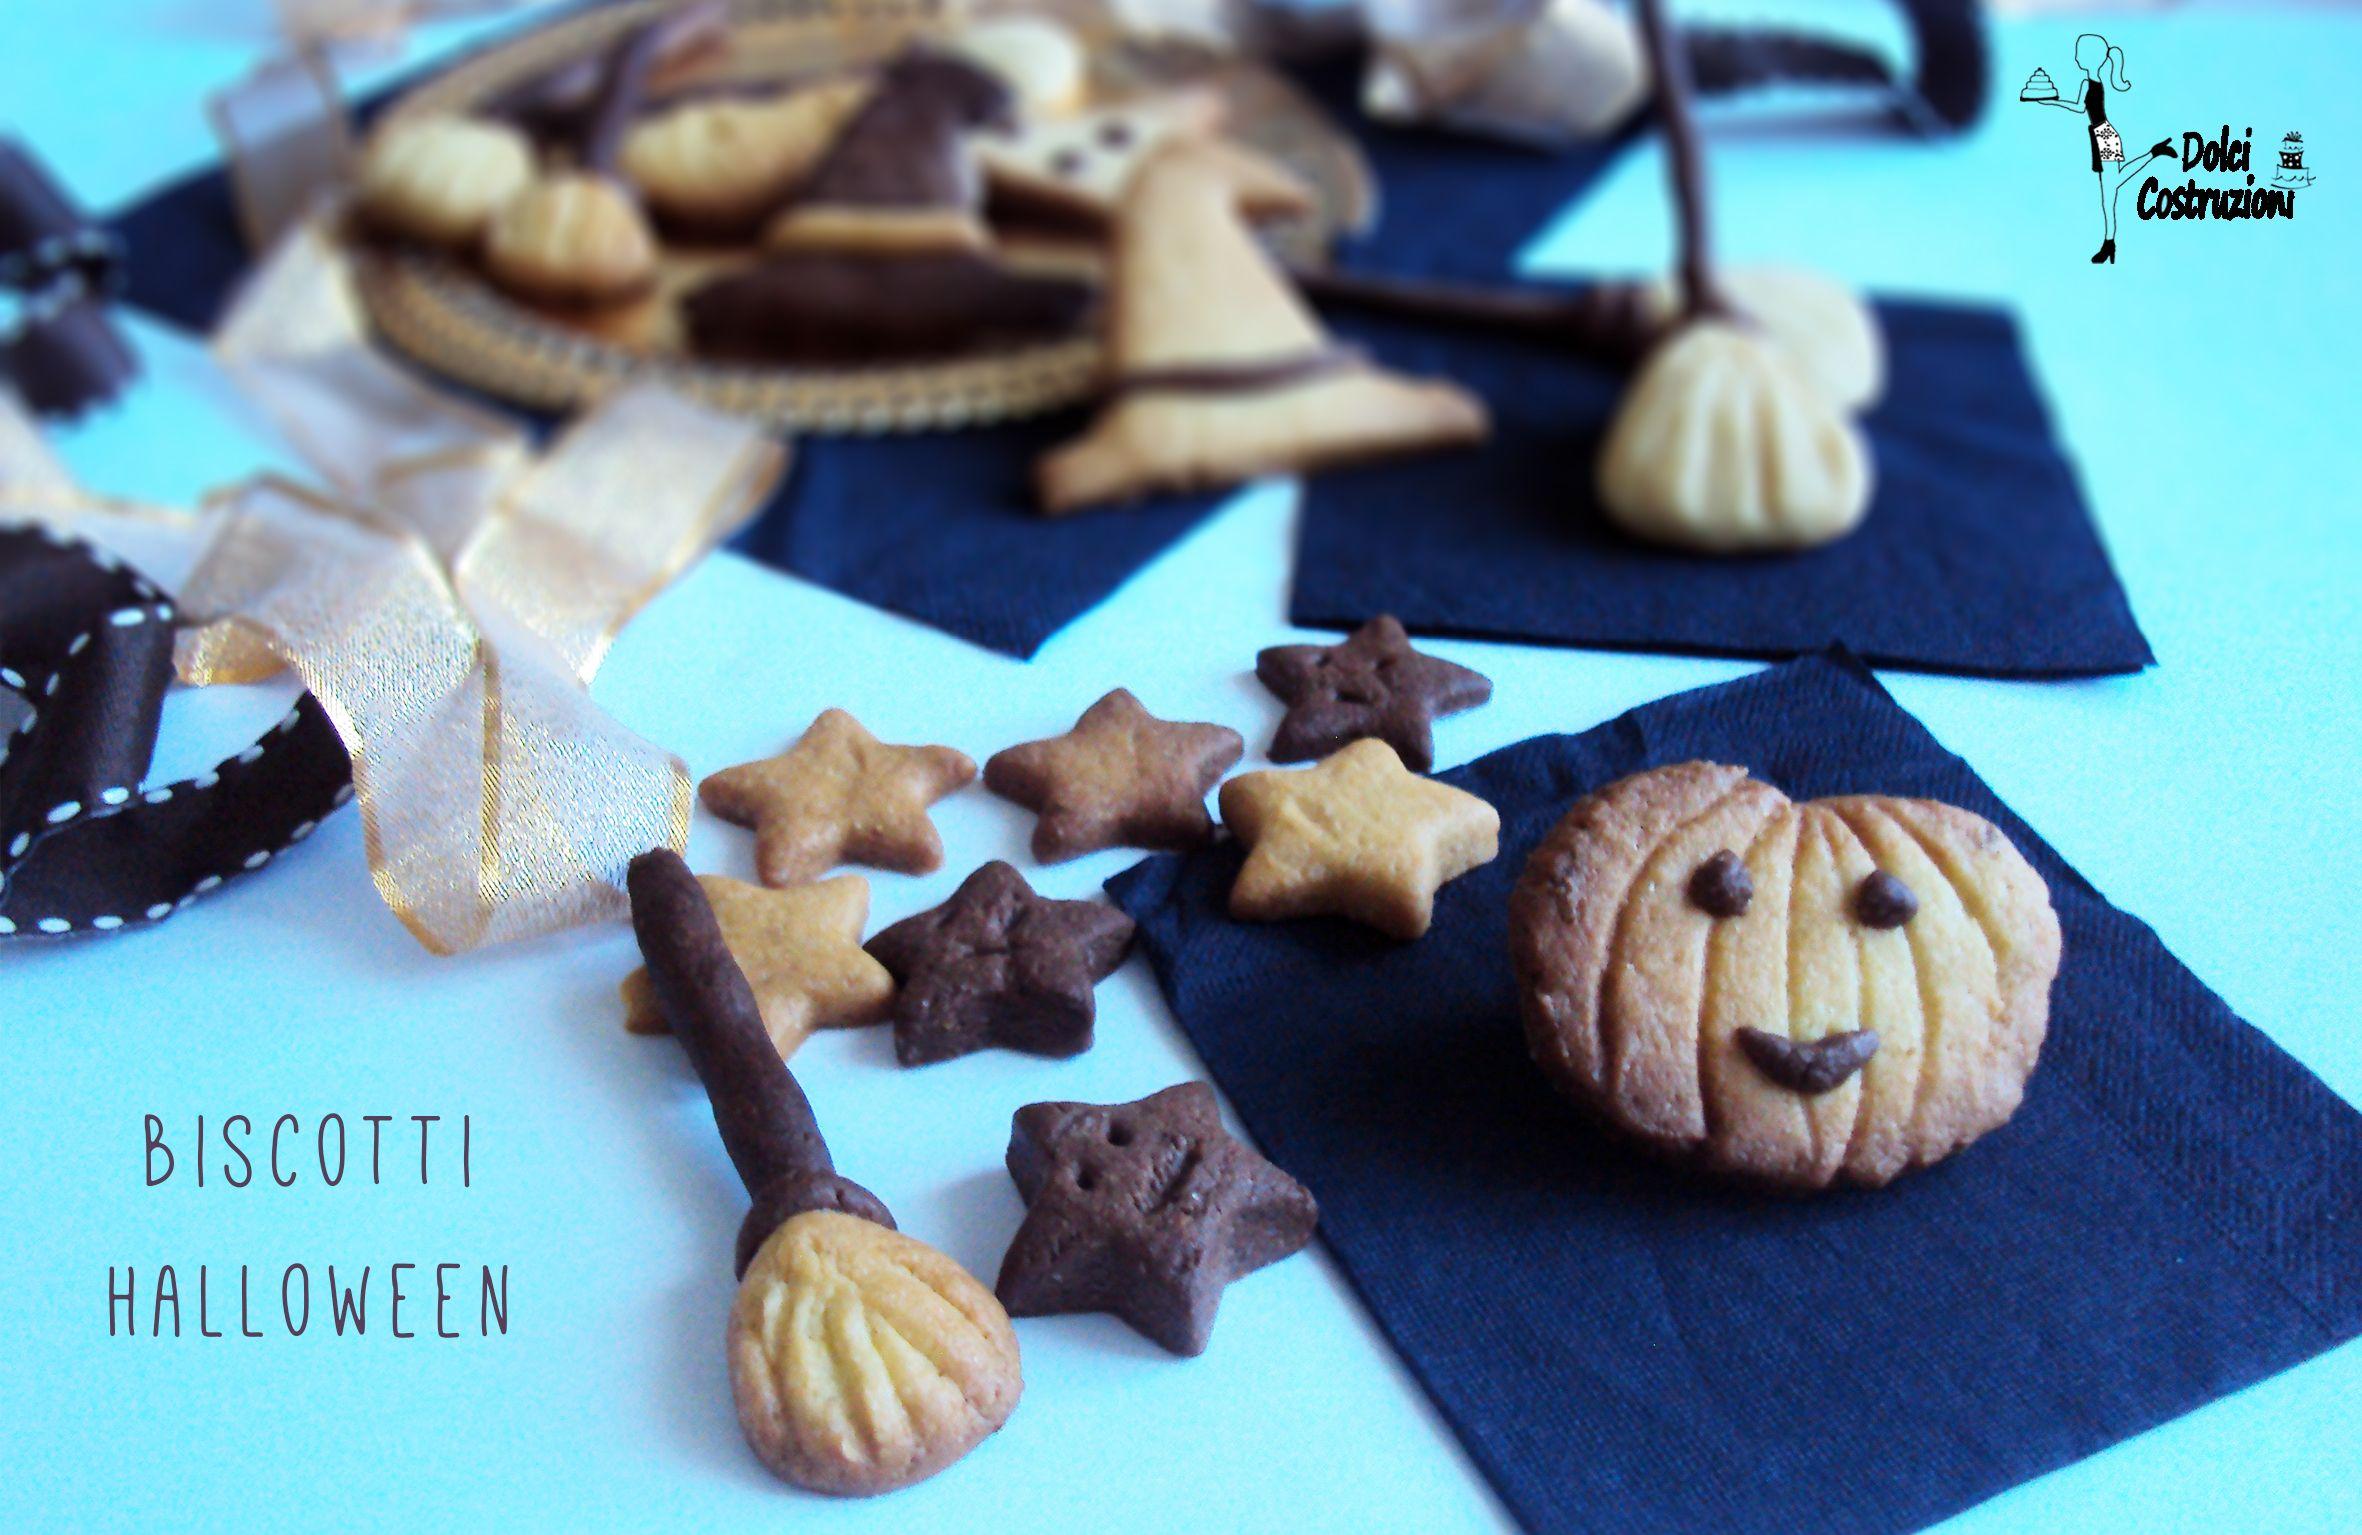 biscotti di halloween biscotti strega e zucca halloween